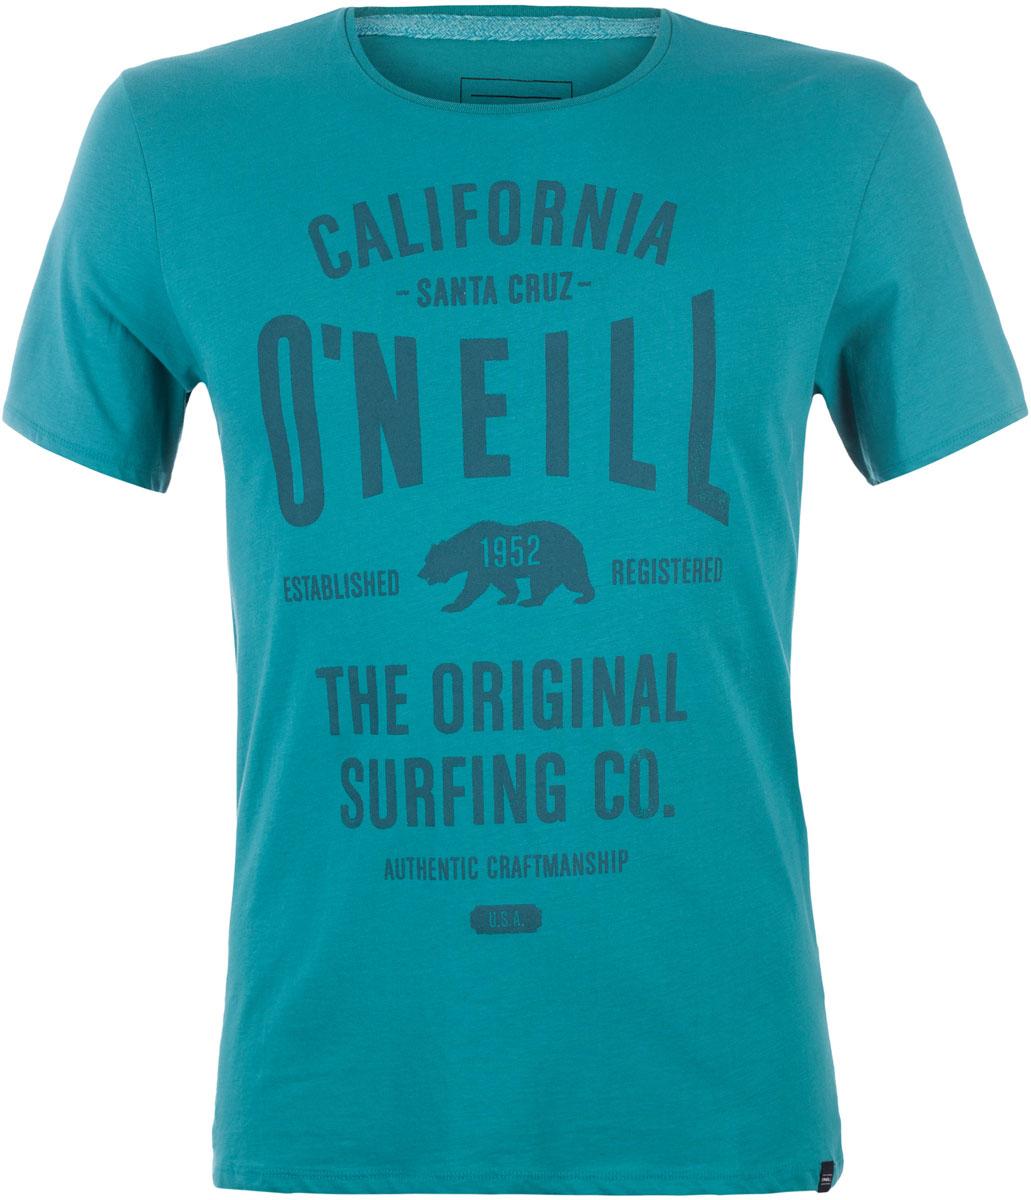 Футболка мужская ONeill Lm Muir T-Shirt, цвет: зеленый. 7A3657-6107. Размер XXL (54/56)7A3657-6107Футболка мужская ONeill выполнена из 100% хлопка. Модель имеет стандартный крой, короткий рукав и круглый вырез горловины. Футболка дополнена надписями.